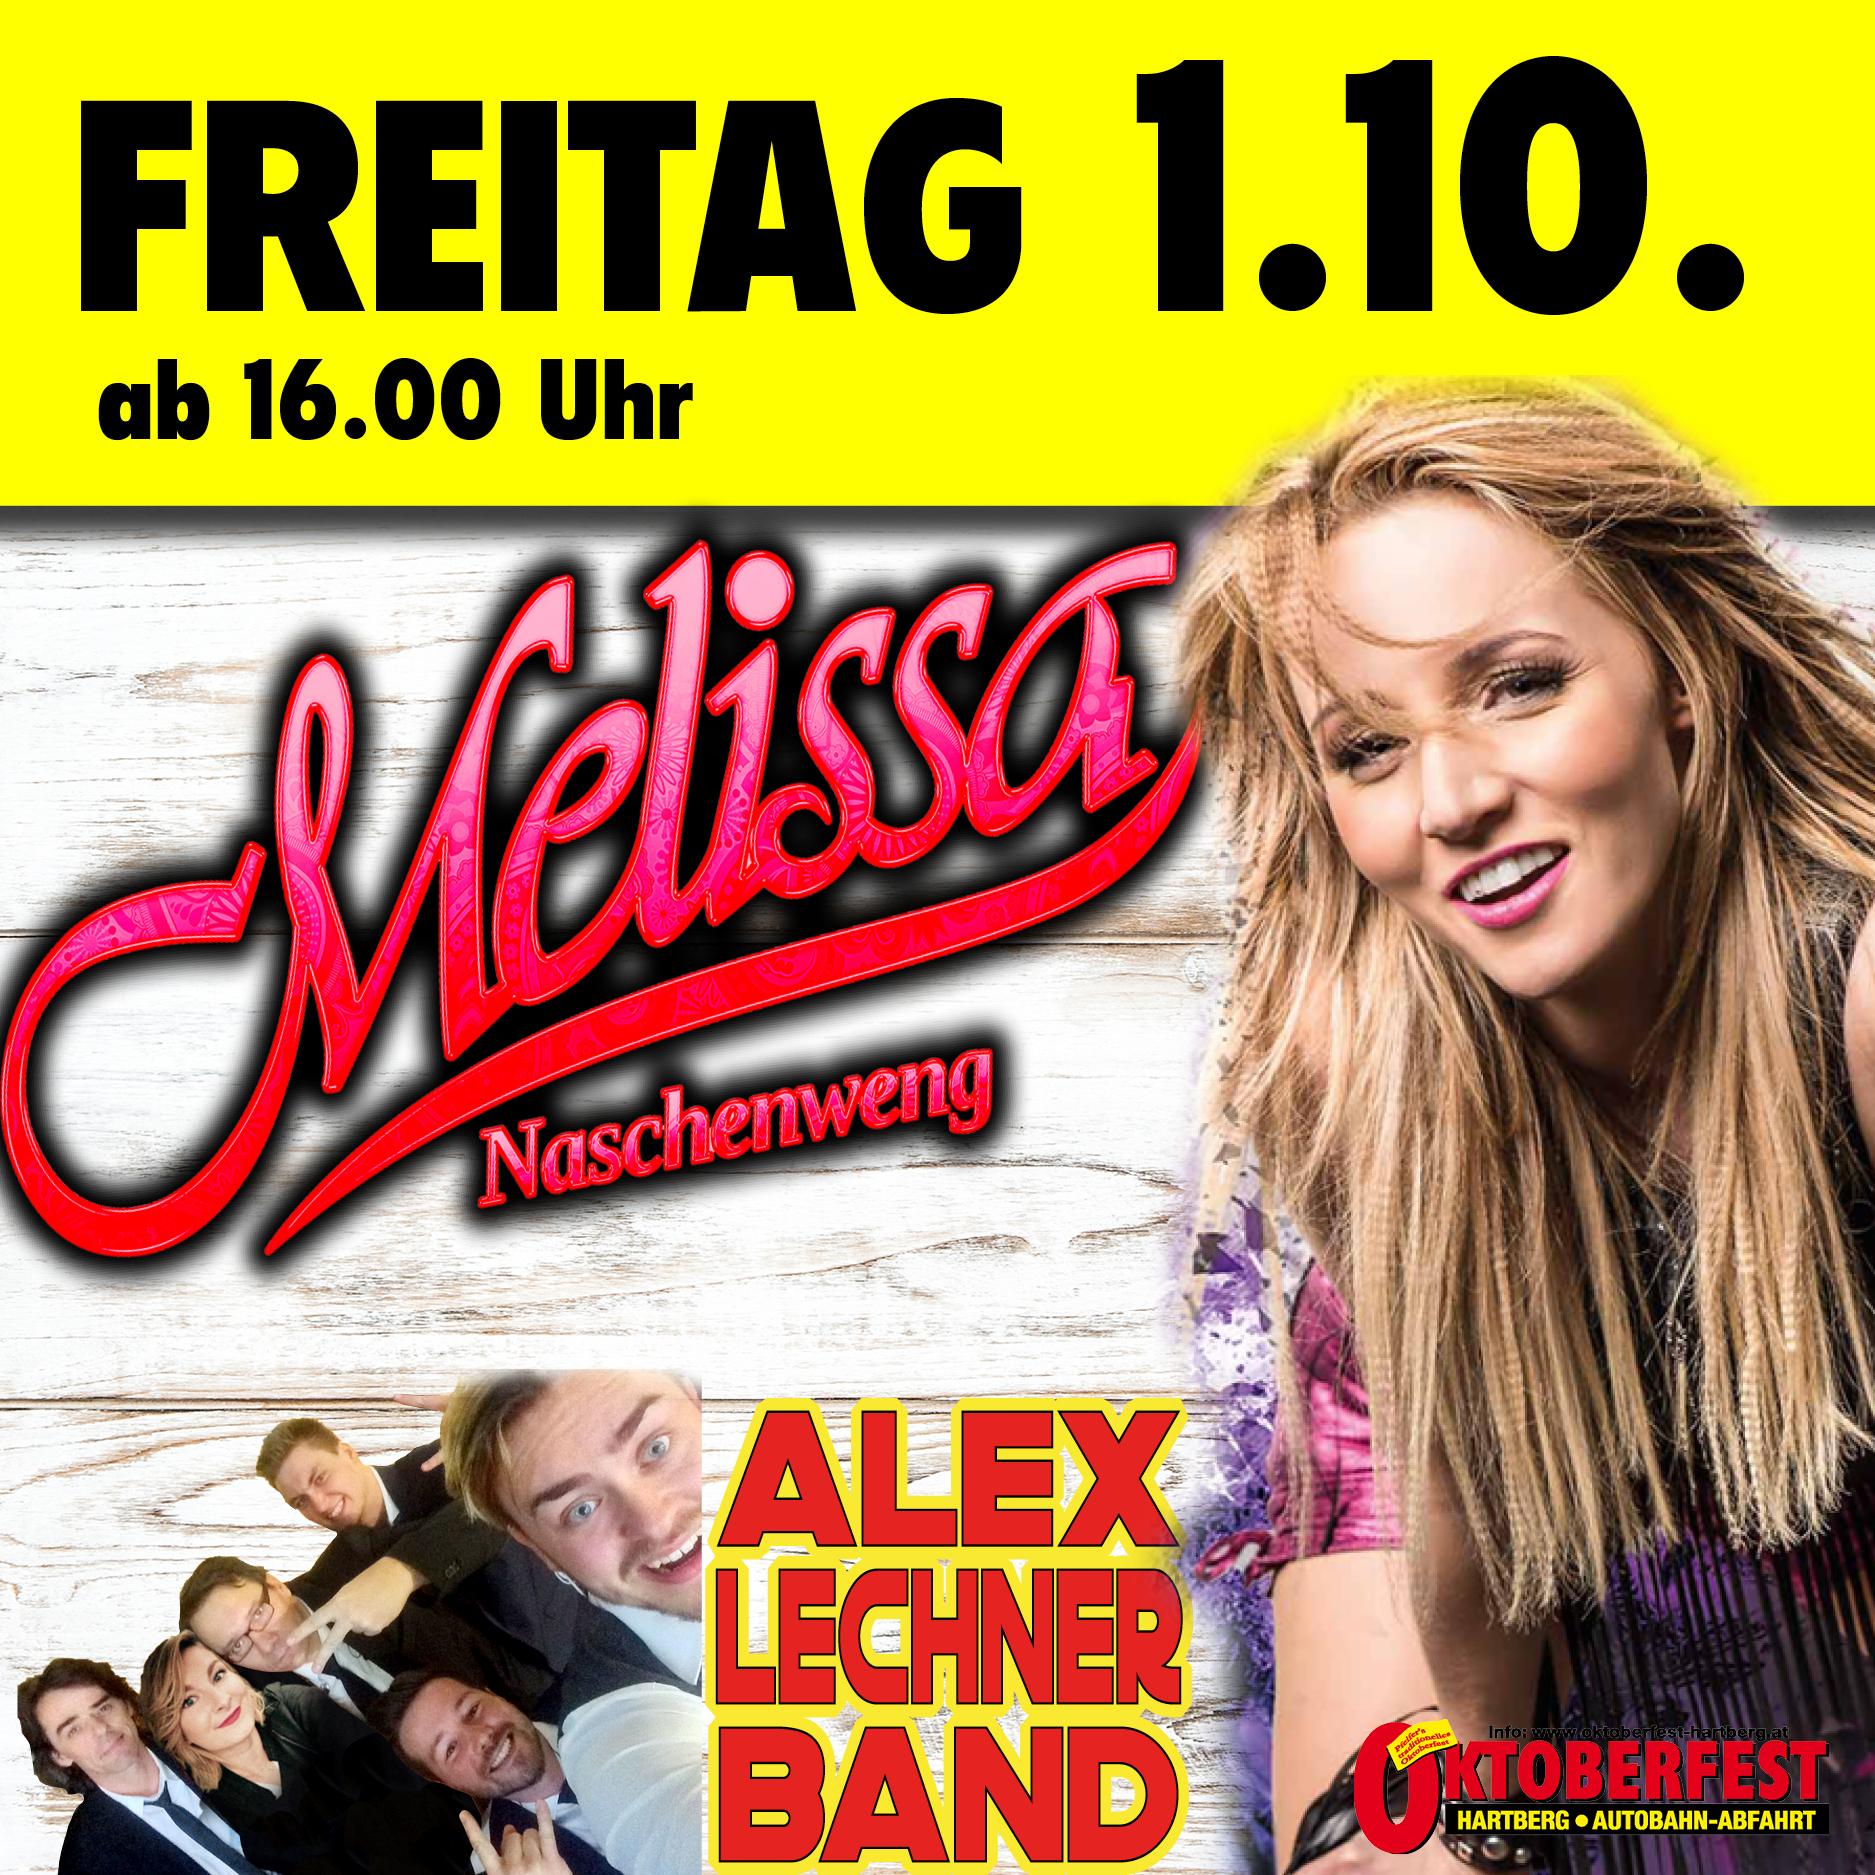 Oktober Fest Hartberg 01.10.2021